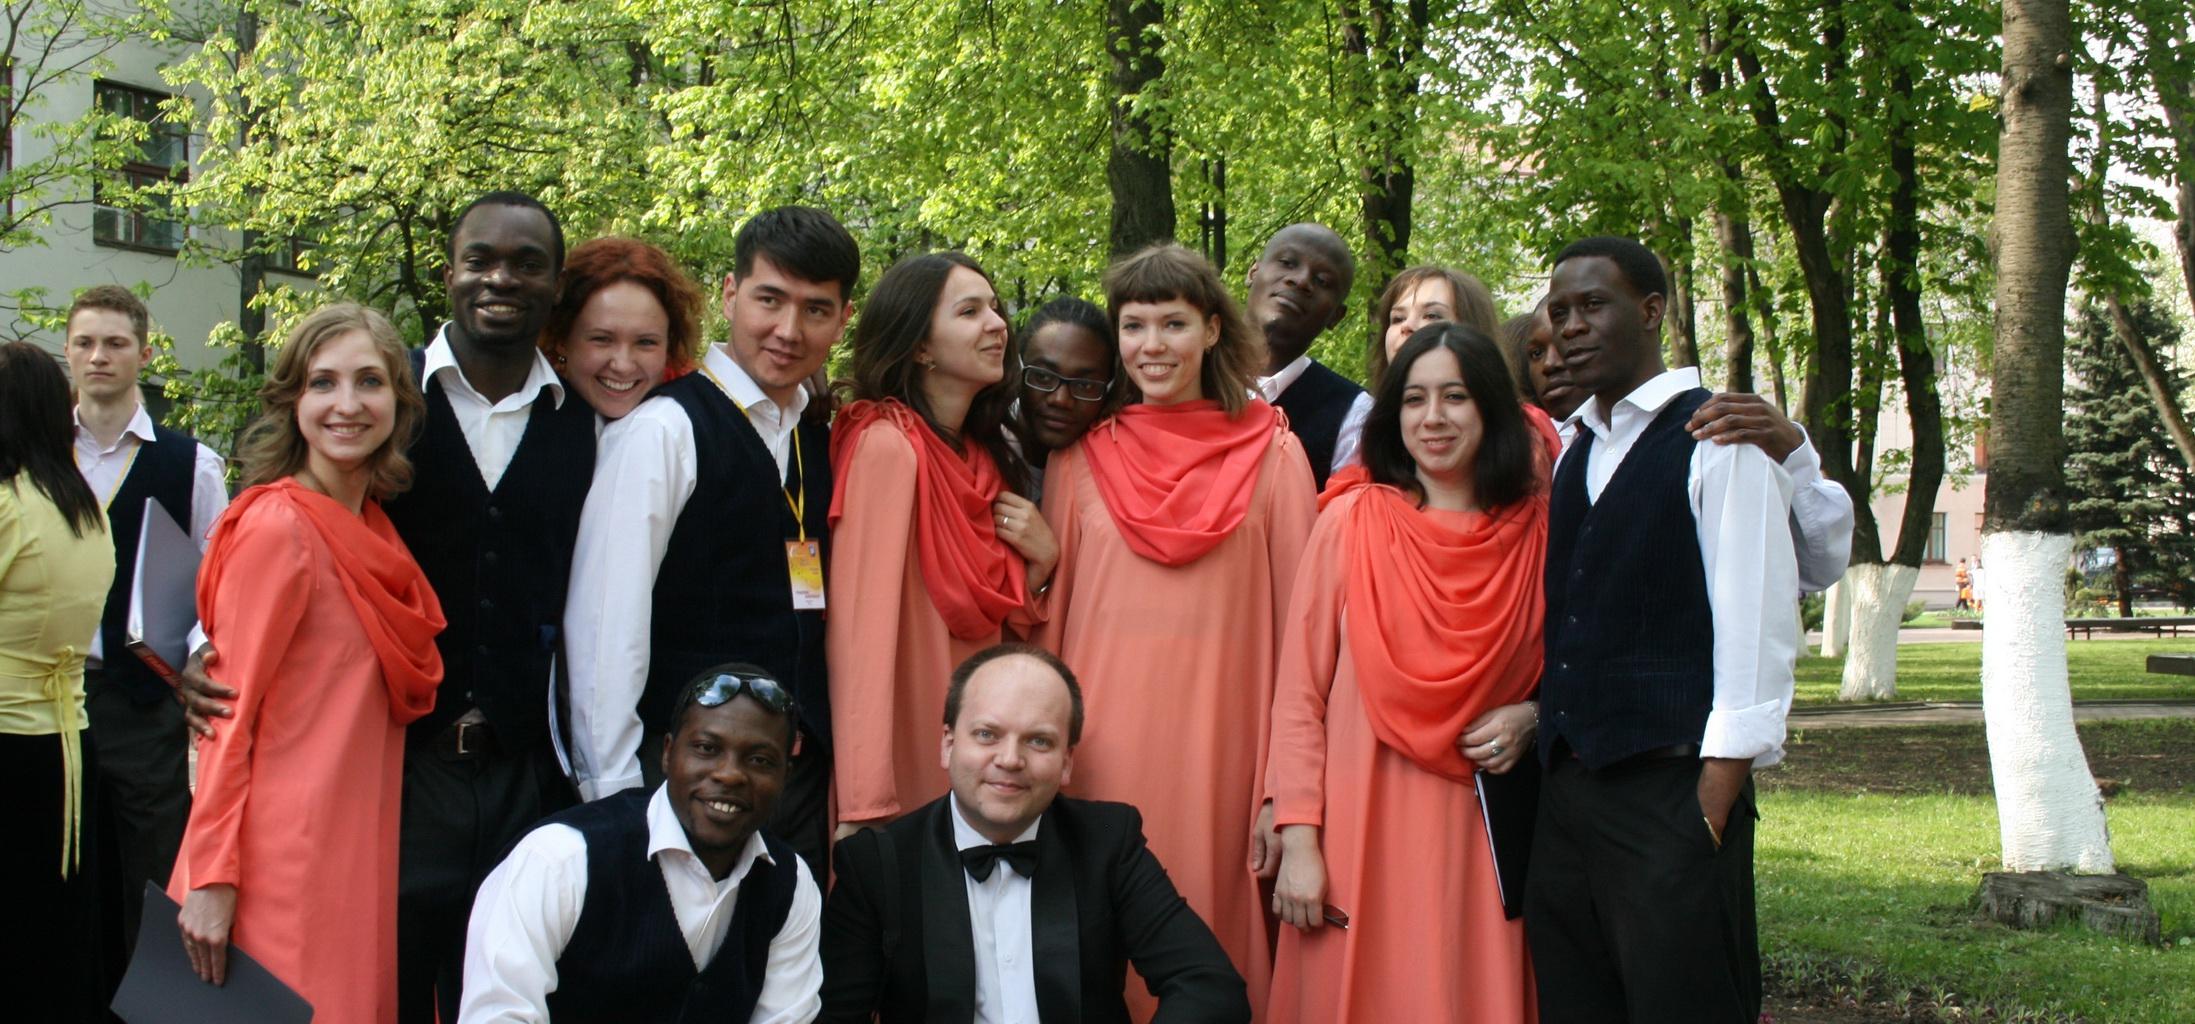 2010г.  Беларуссия, г. Минск